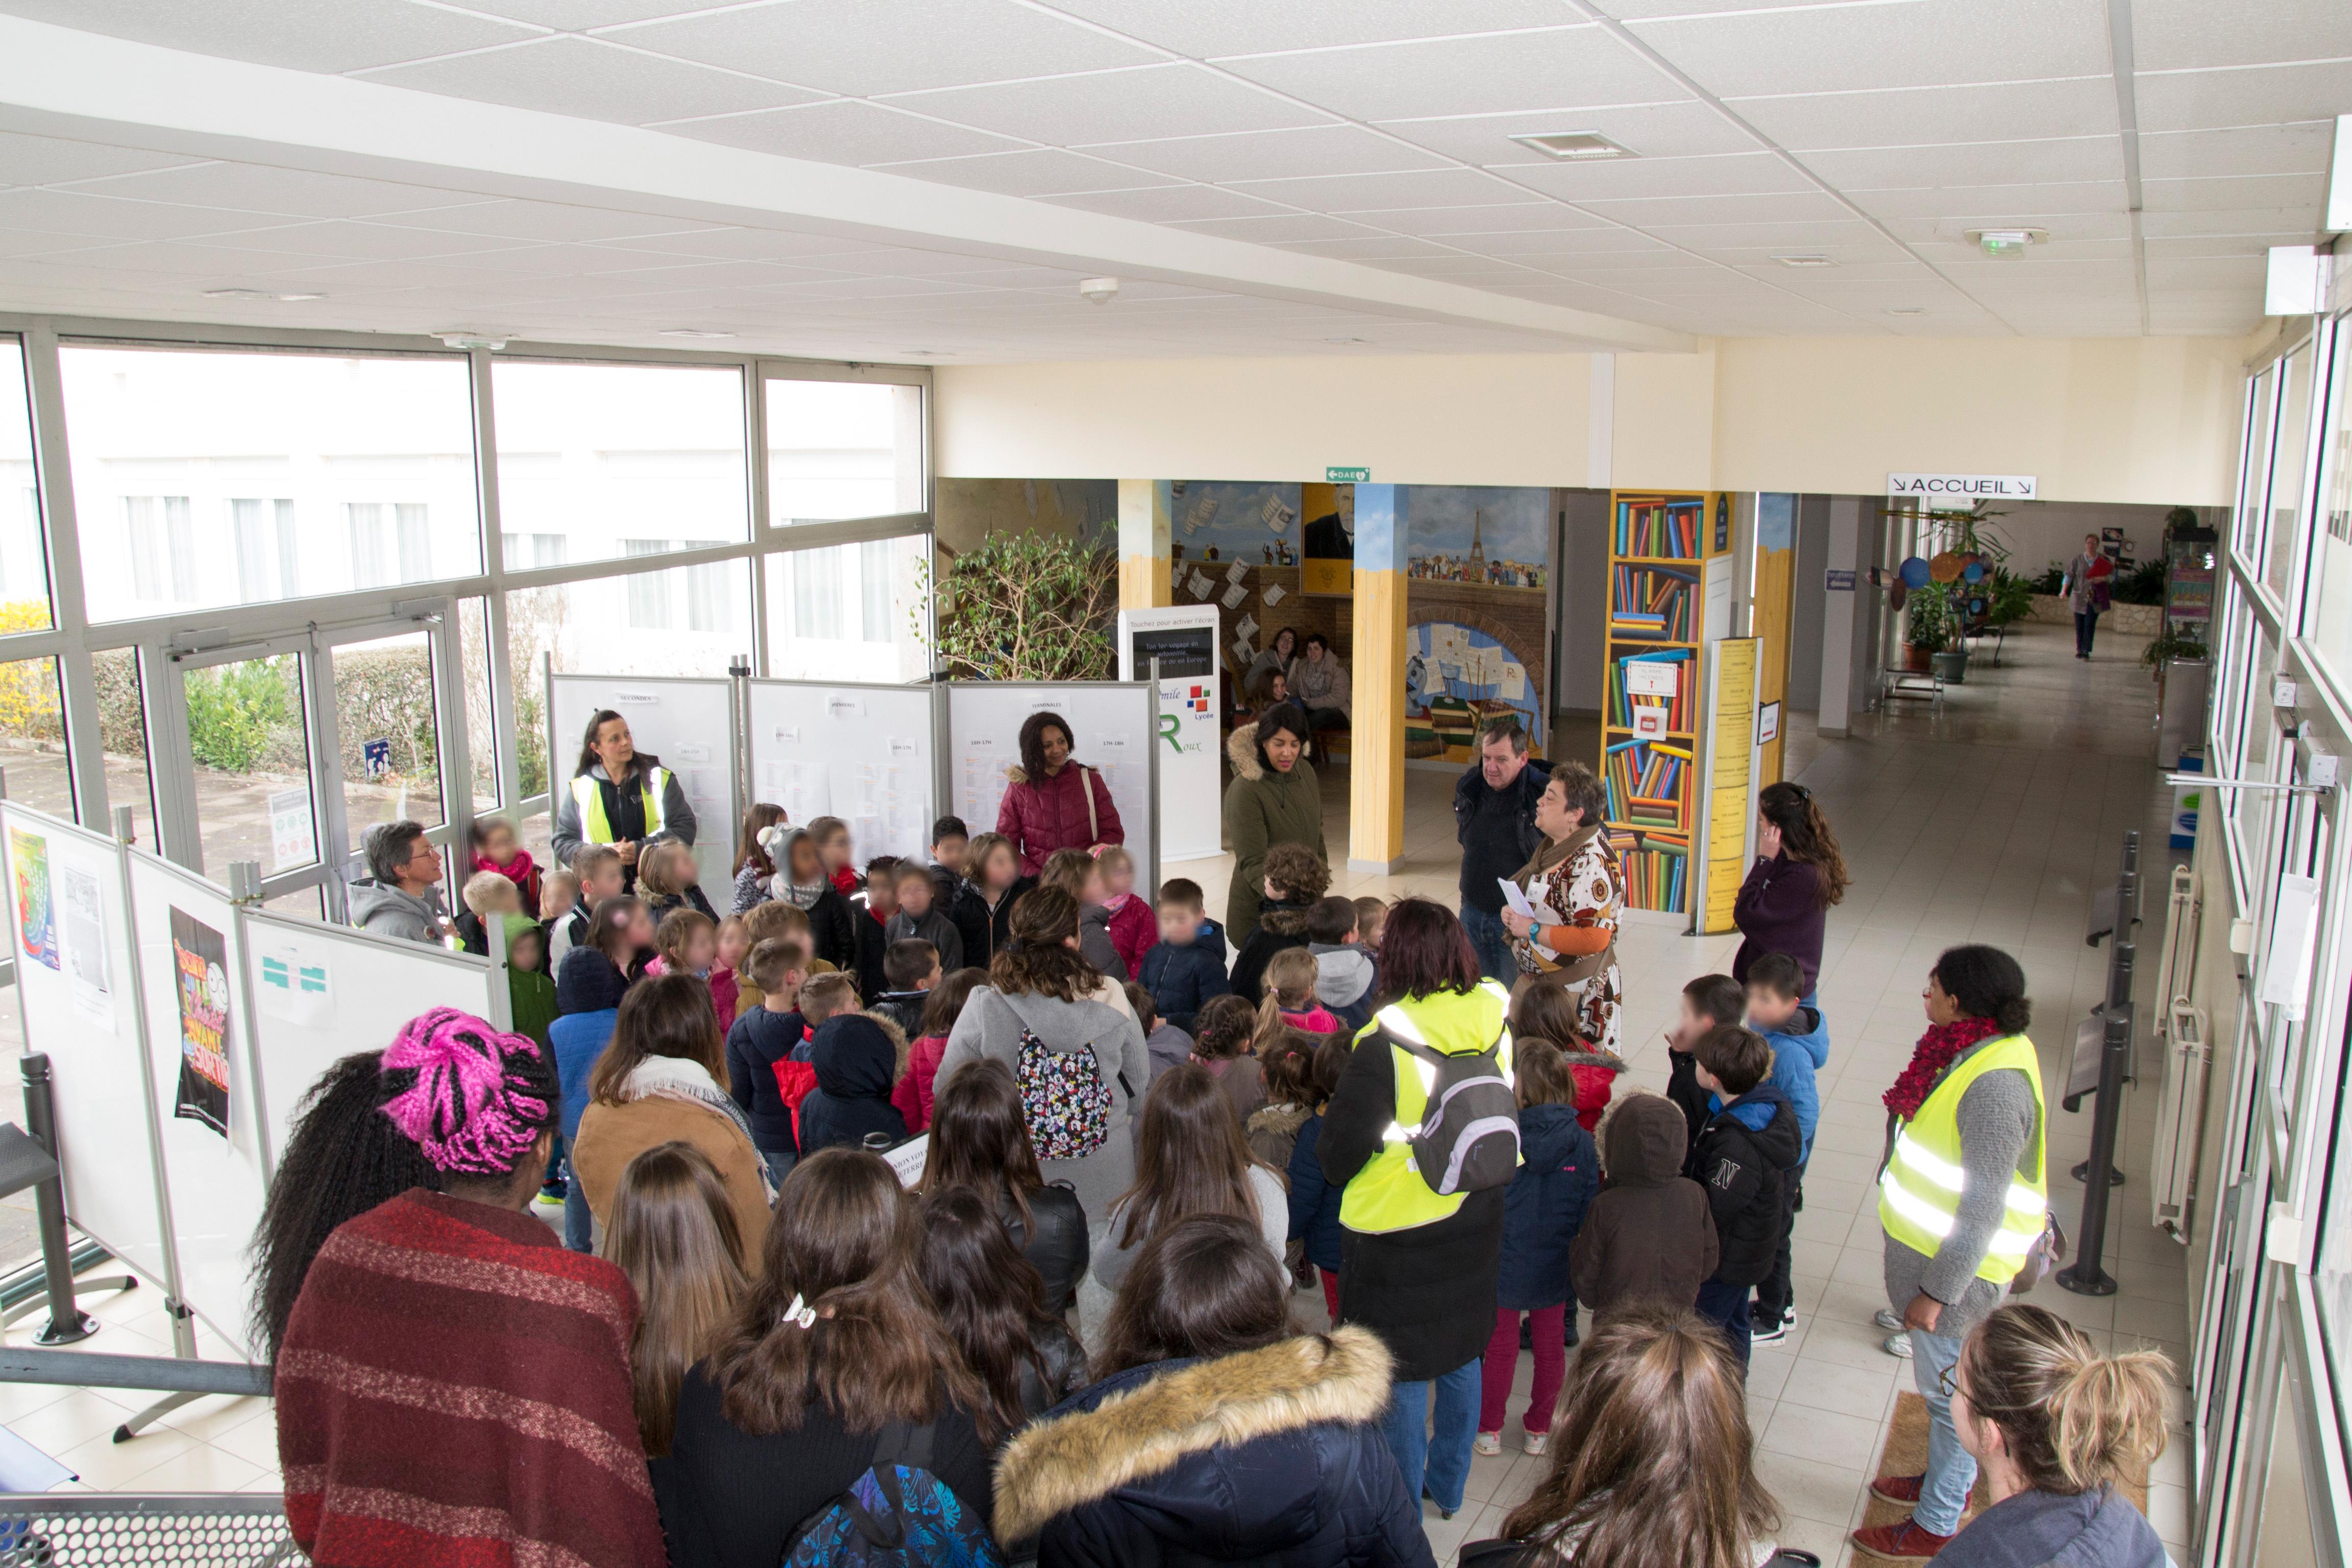 L'arrivée des CP- CE1 au lycée de Confolens. Ils sont accompagnés de leurs maîtresses et de la classe de 2nd ASSP, tout sourire.